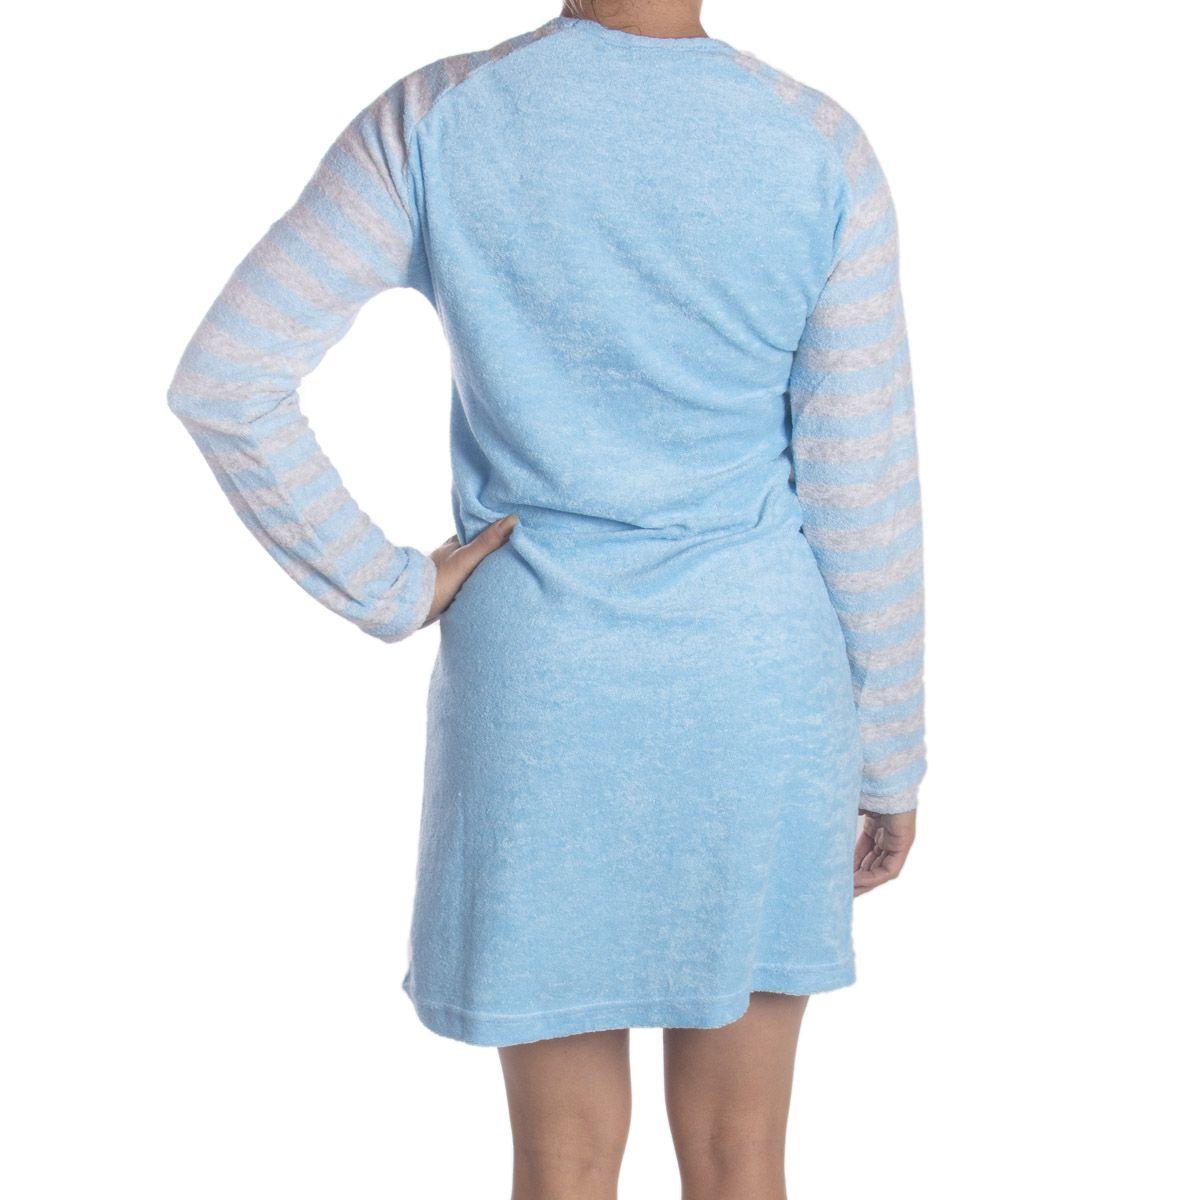 Camisola de inverno feminino LISTRADO Victory